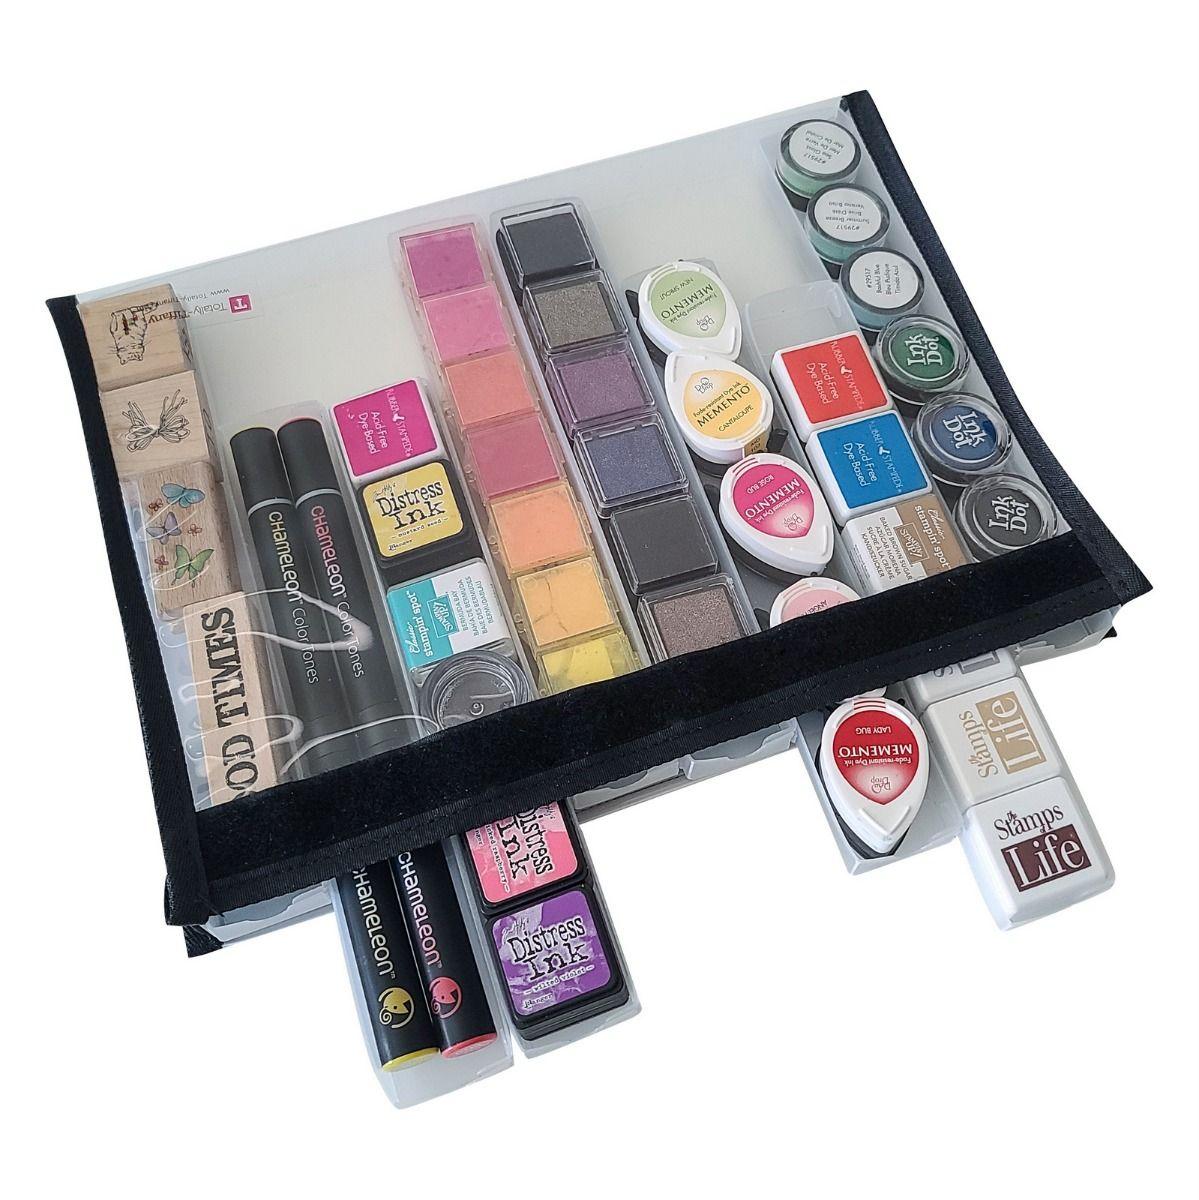 Totally Tiffany - Storage & Supply Case 8 drawer